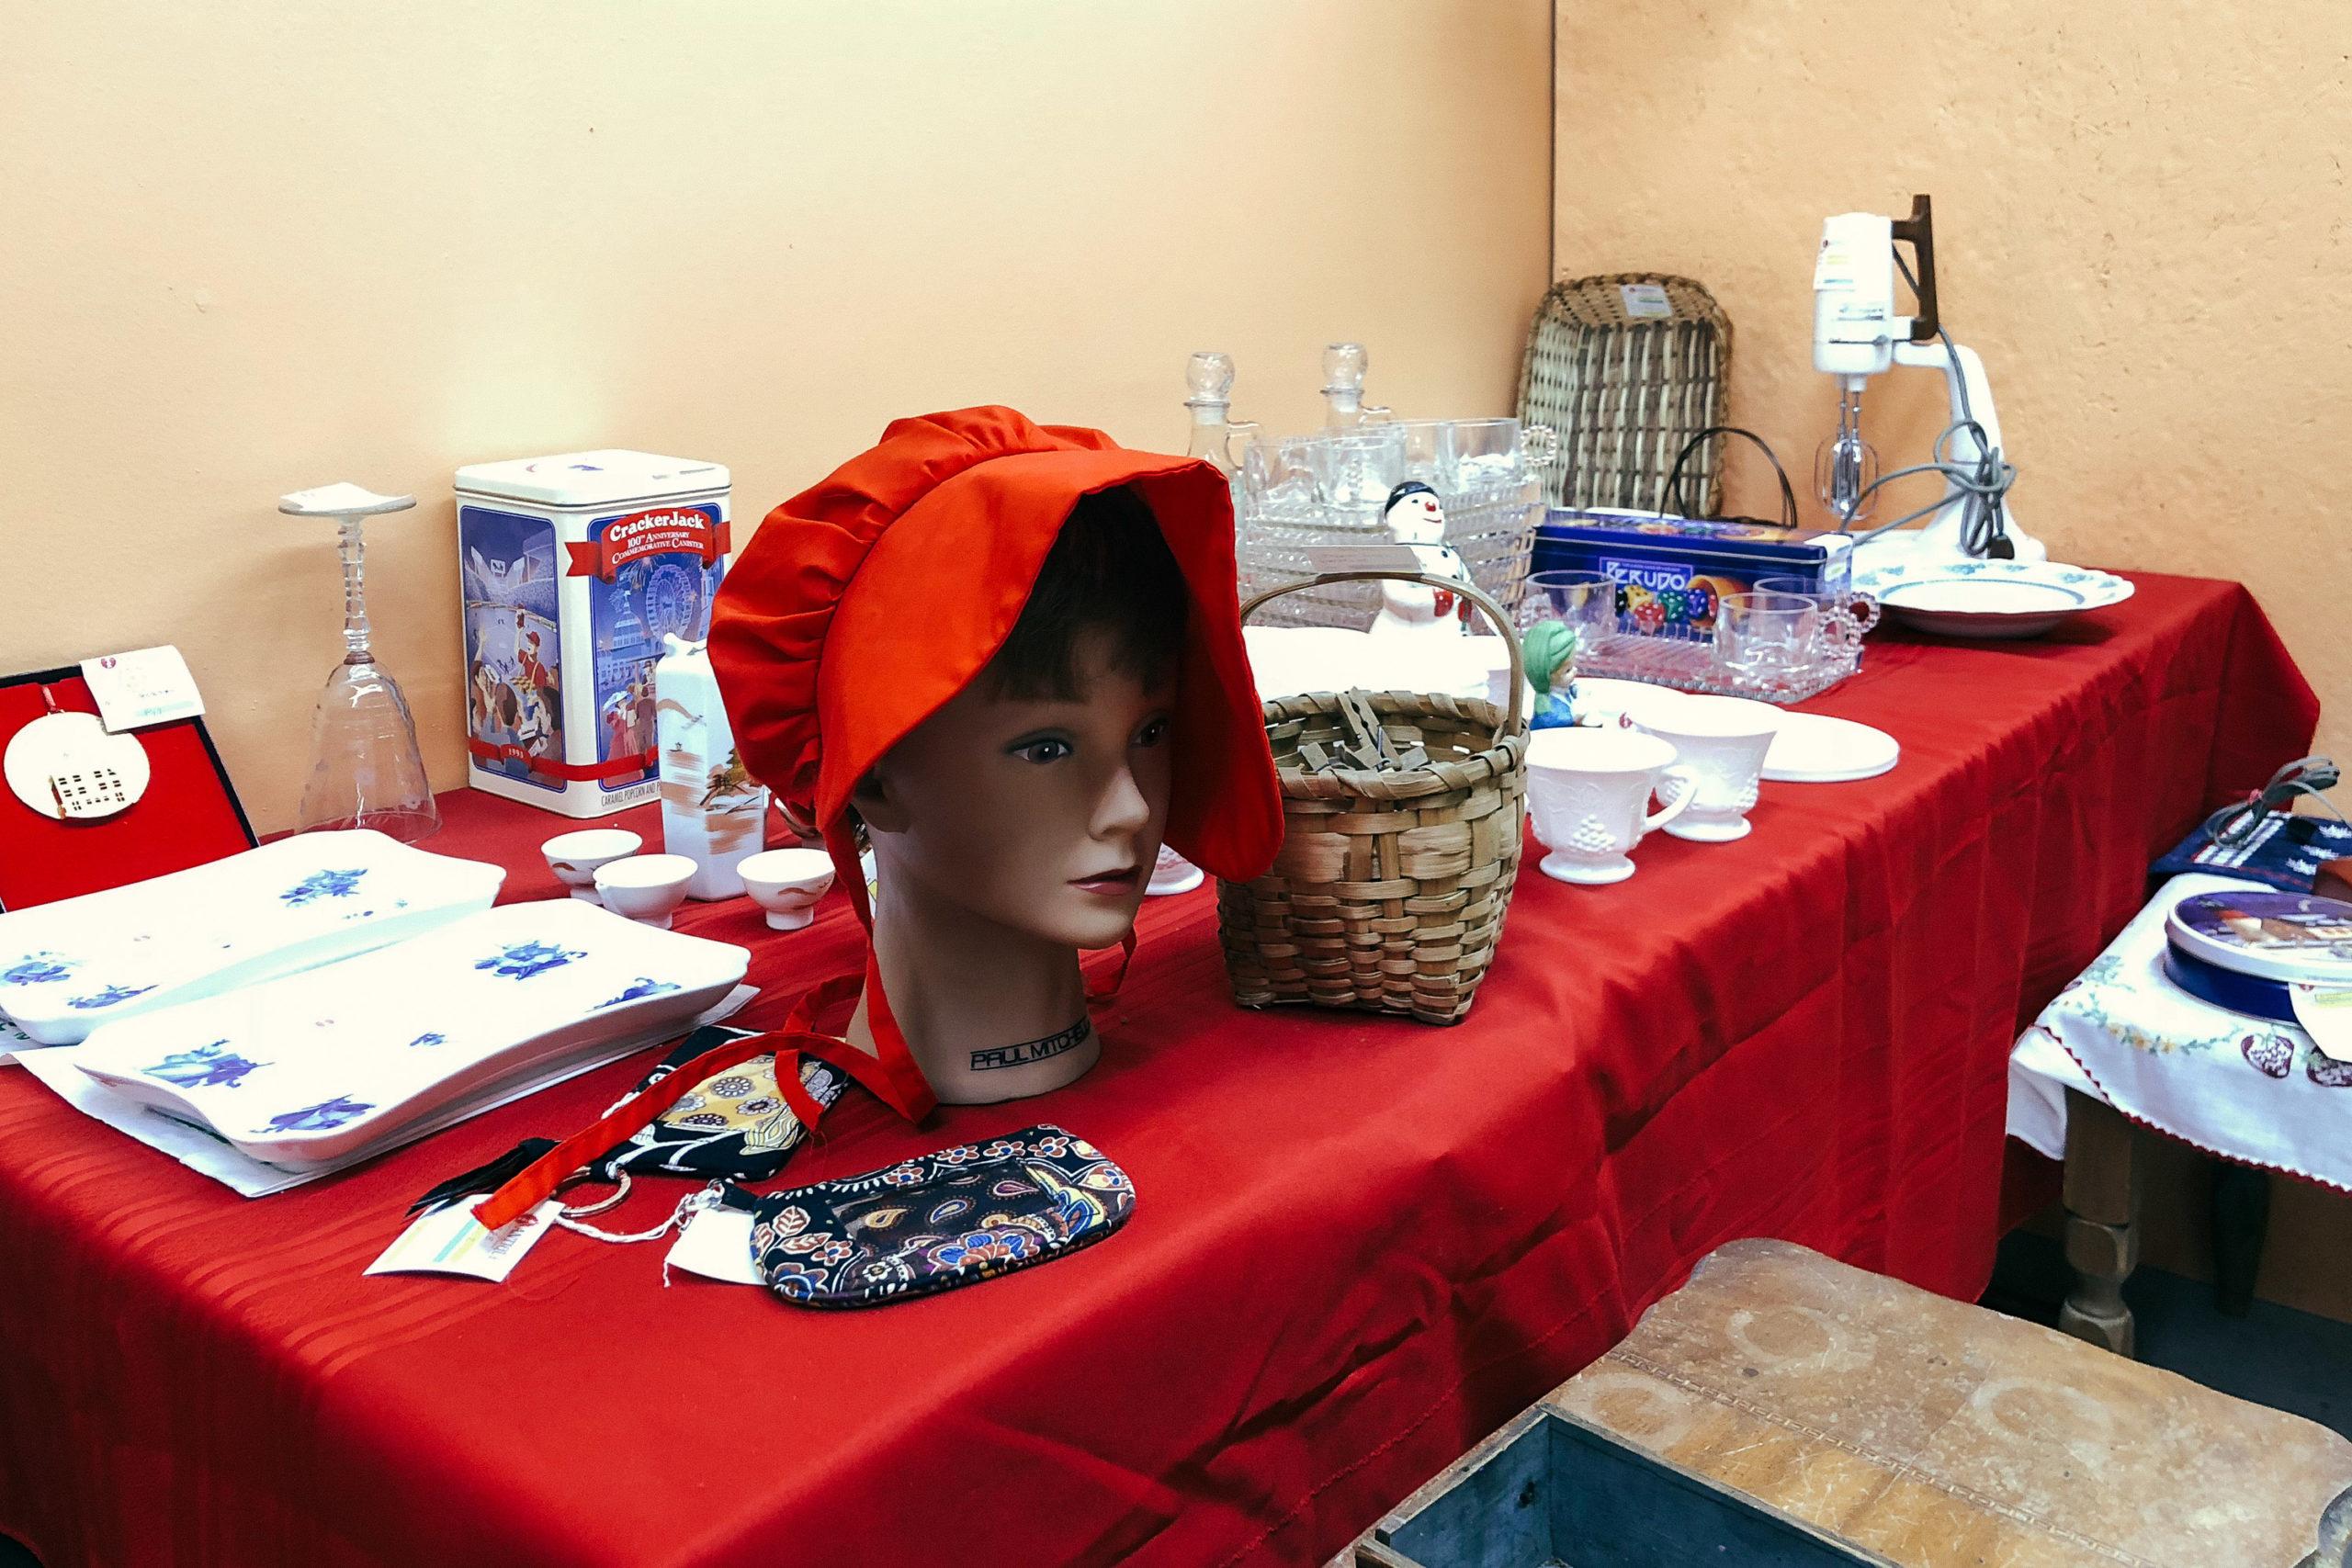 In manikin head with a red bonnet